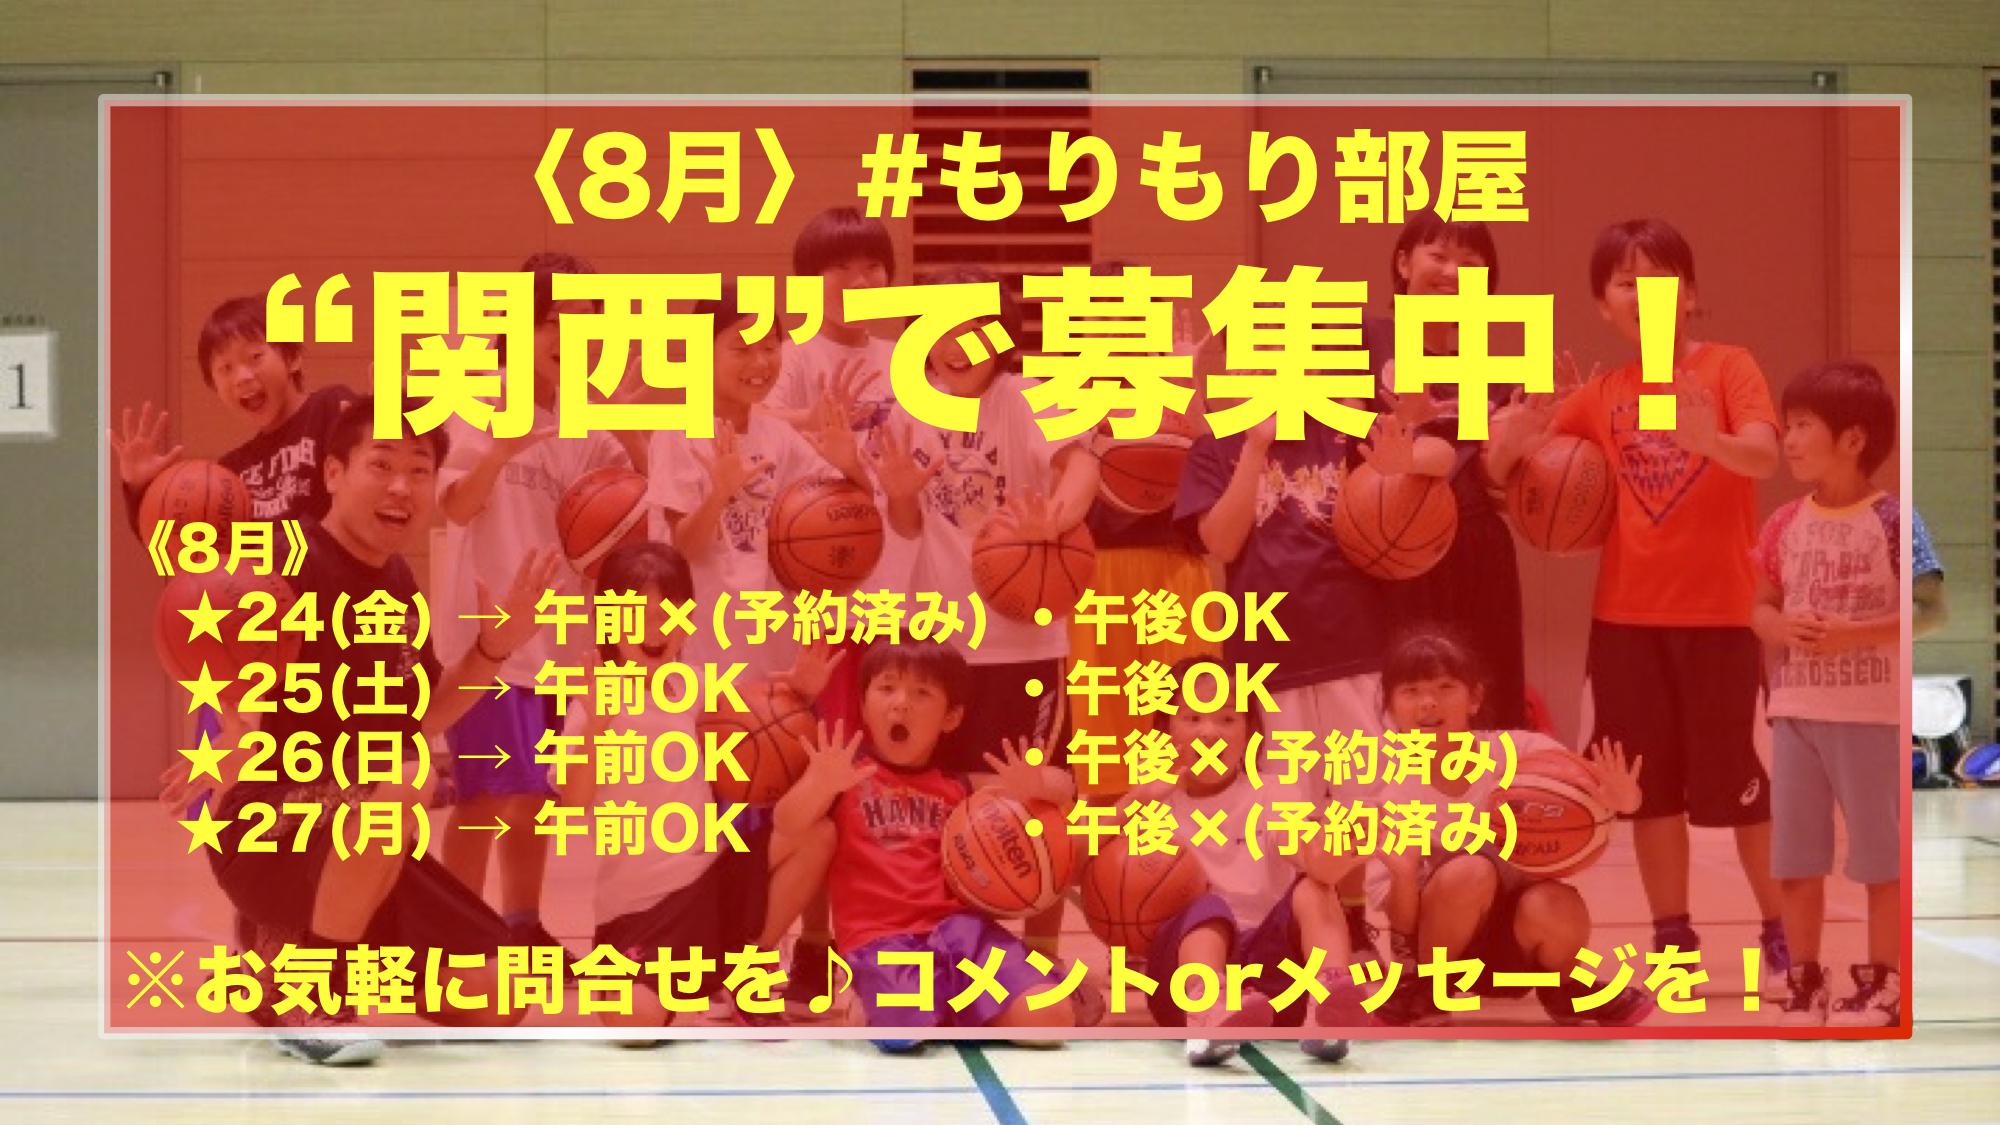 関西で募集中!#もりもり部屋 ★8月下旬